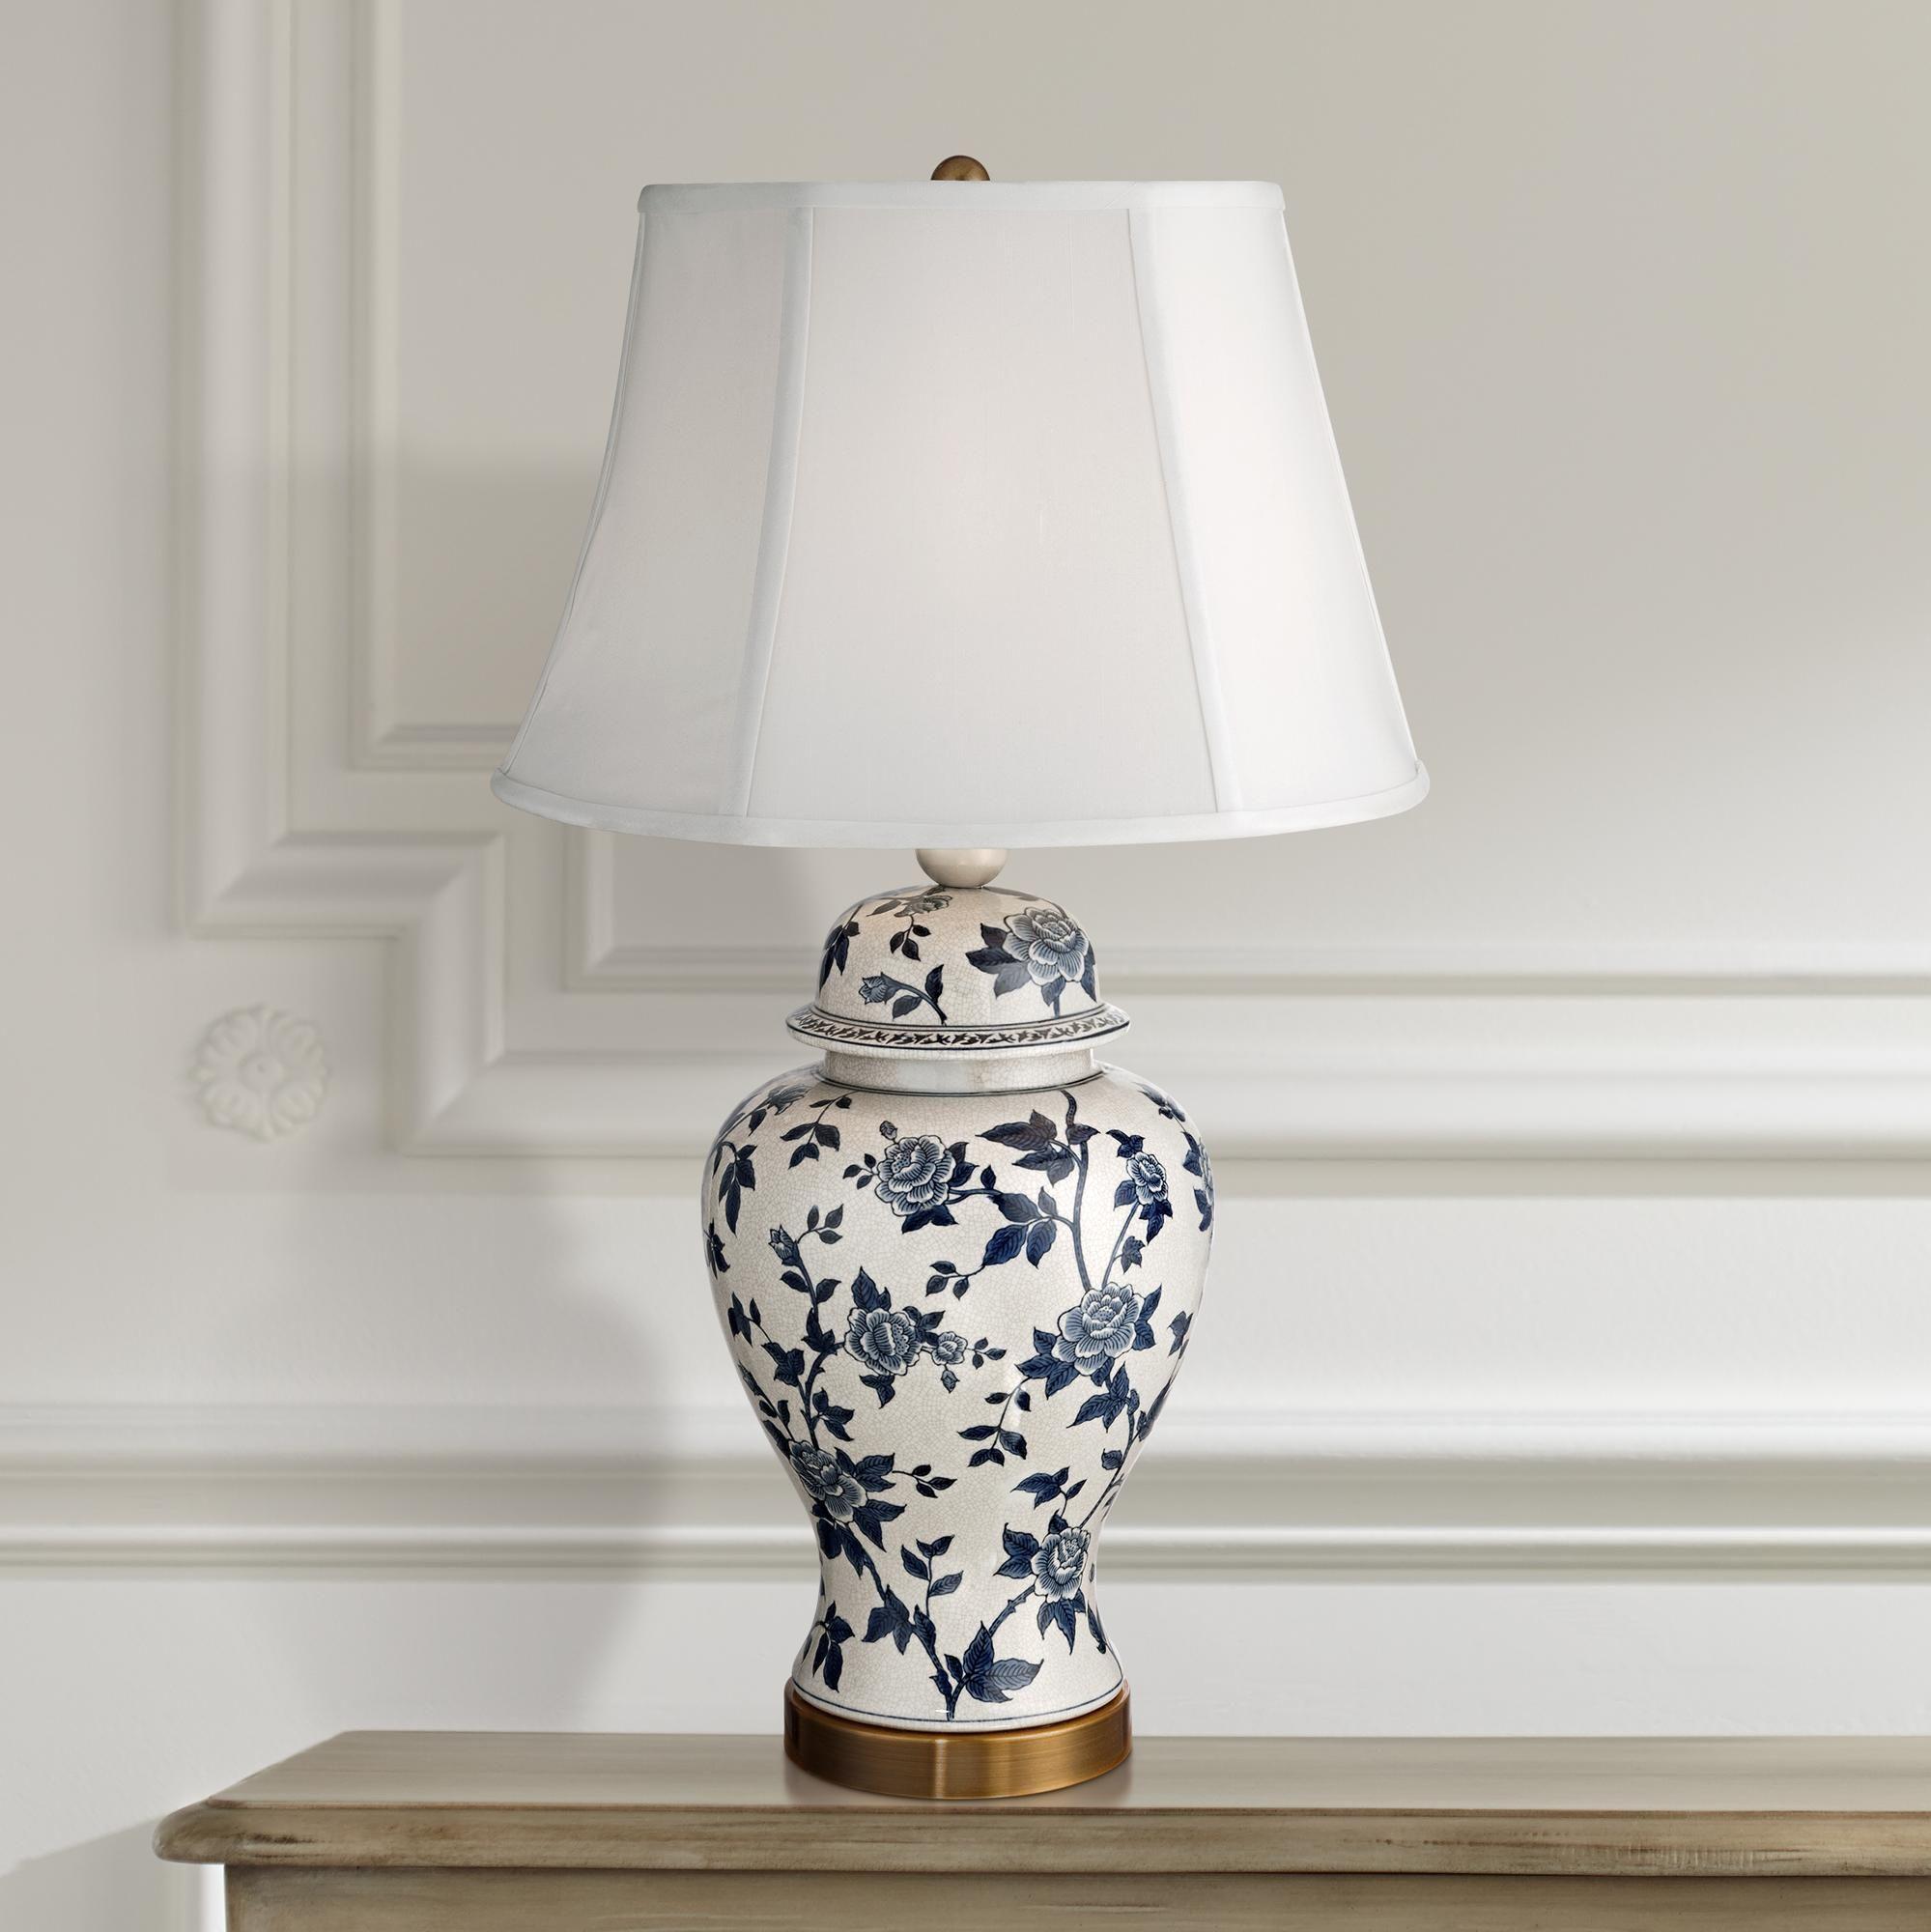 Rose Vine Blue And White Temple Jar Table Lamp Abajur Seramik Vazolar